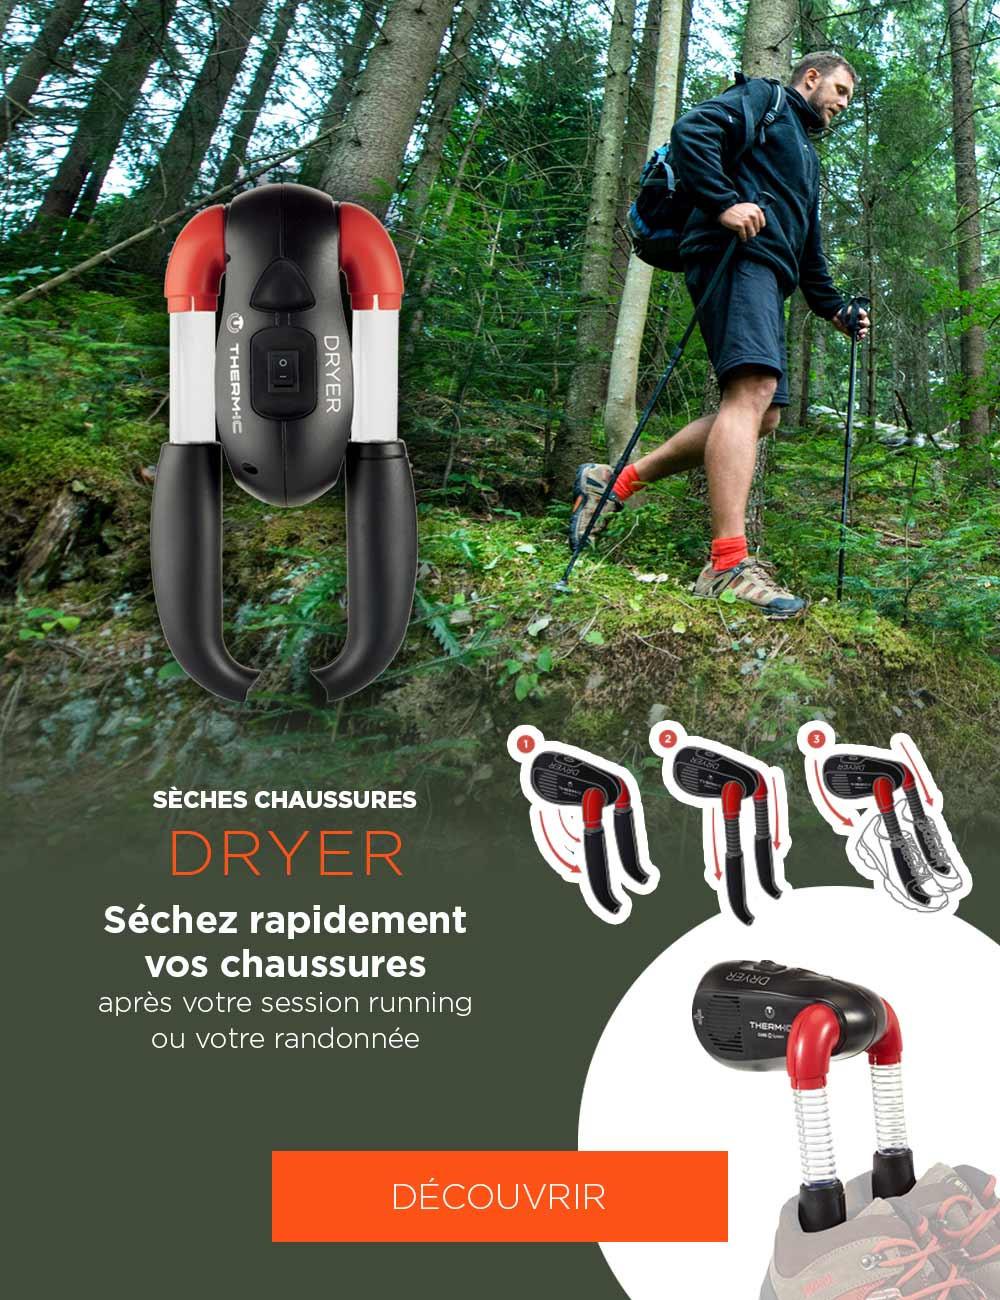 Séchez rapidement vos chaussures après votre session running ou votre randonnée